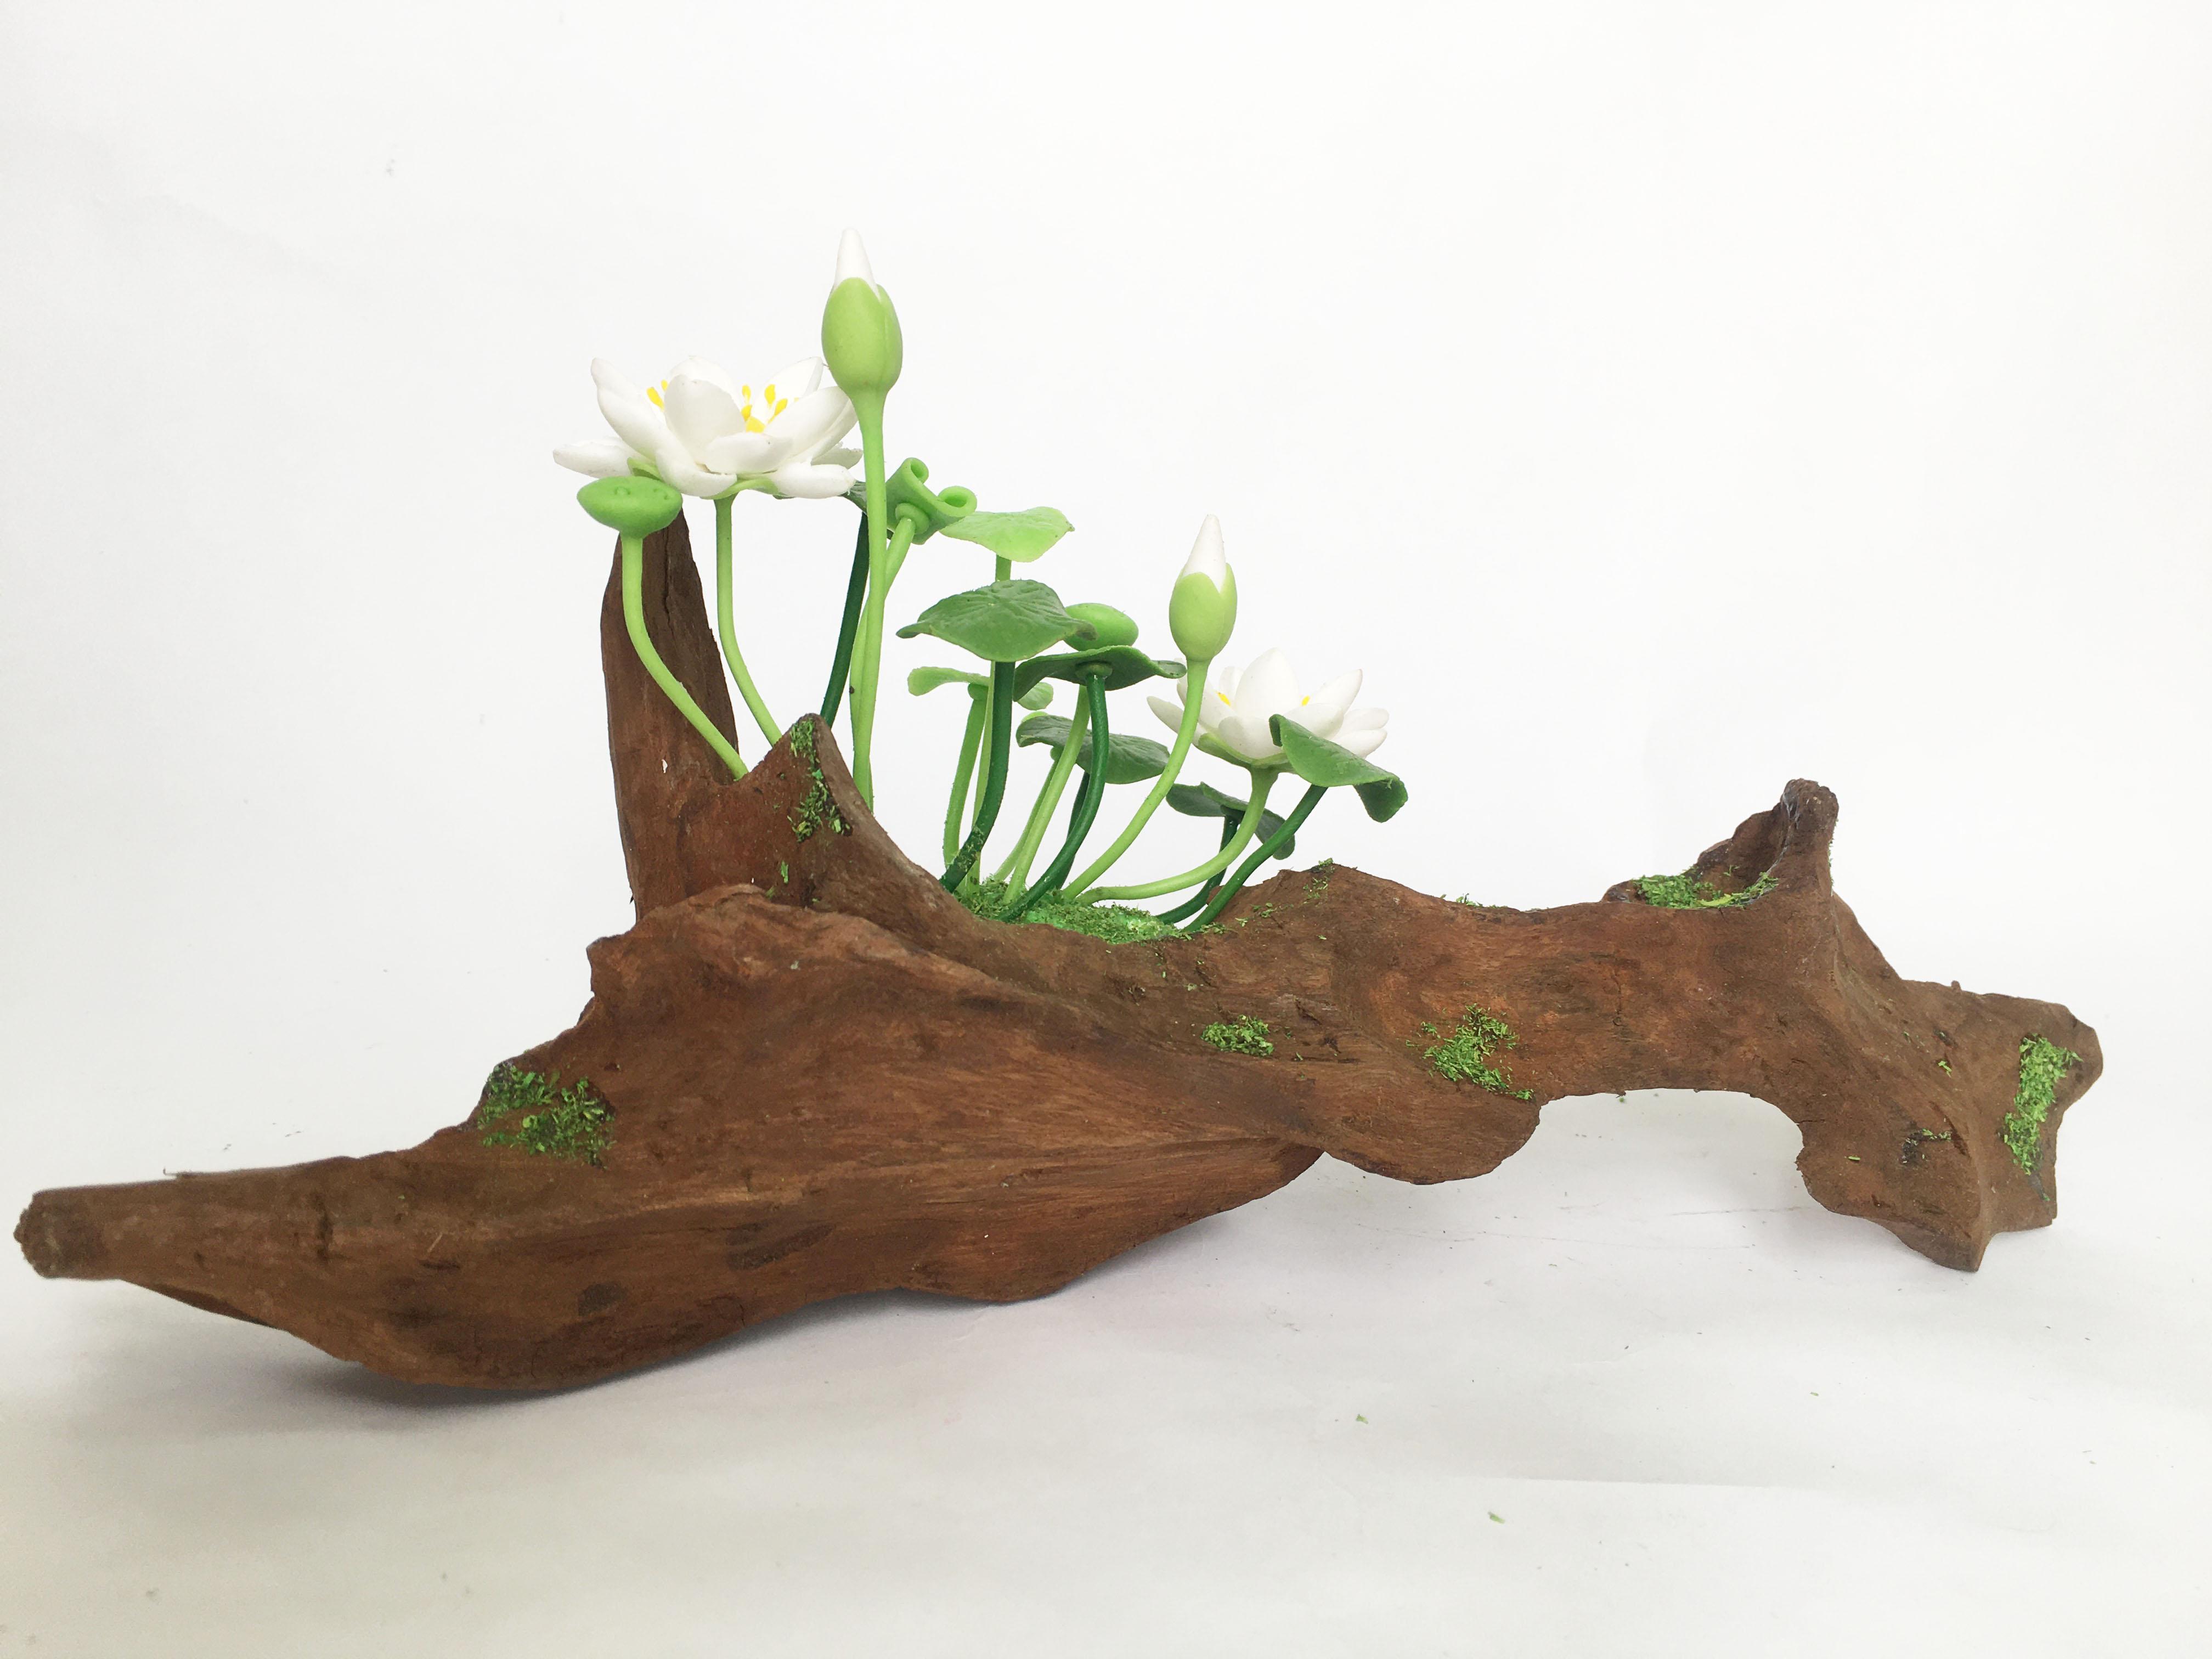 Lũa gỗ hình dáng tự nhiên kết hợp Hoa sen đất sét mini (2 bụi sen trắng) - Quà tặng trang trí handmade (20x10x10cm)